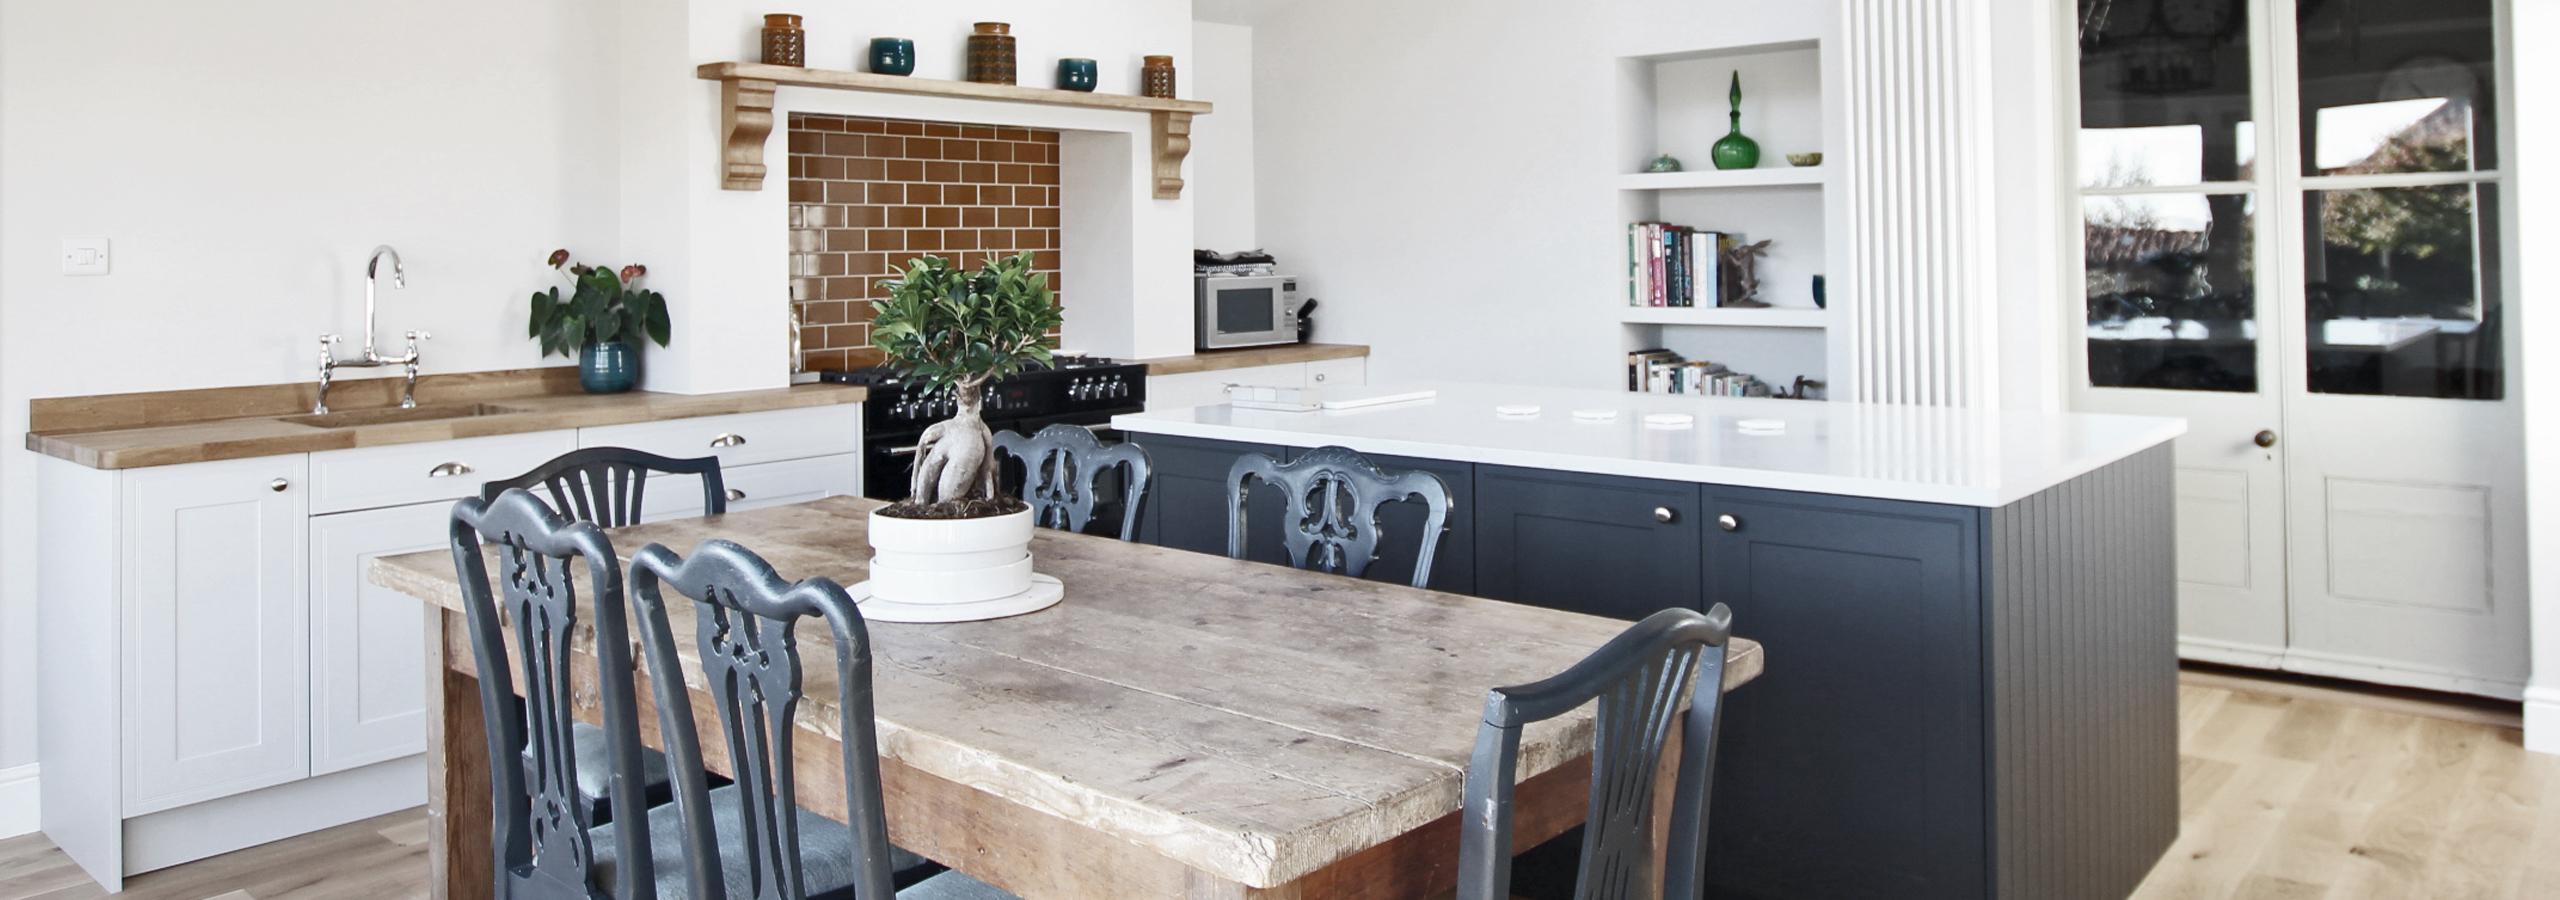 Elegant Kitchen Diner Kitchens Bathrooms Interior Design Norwich